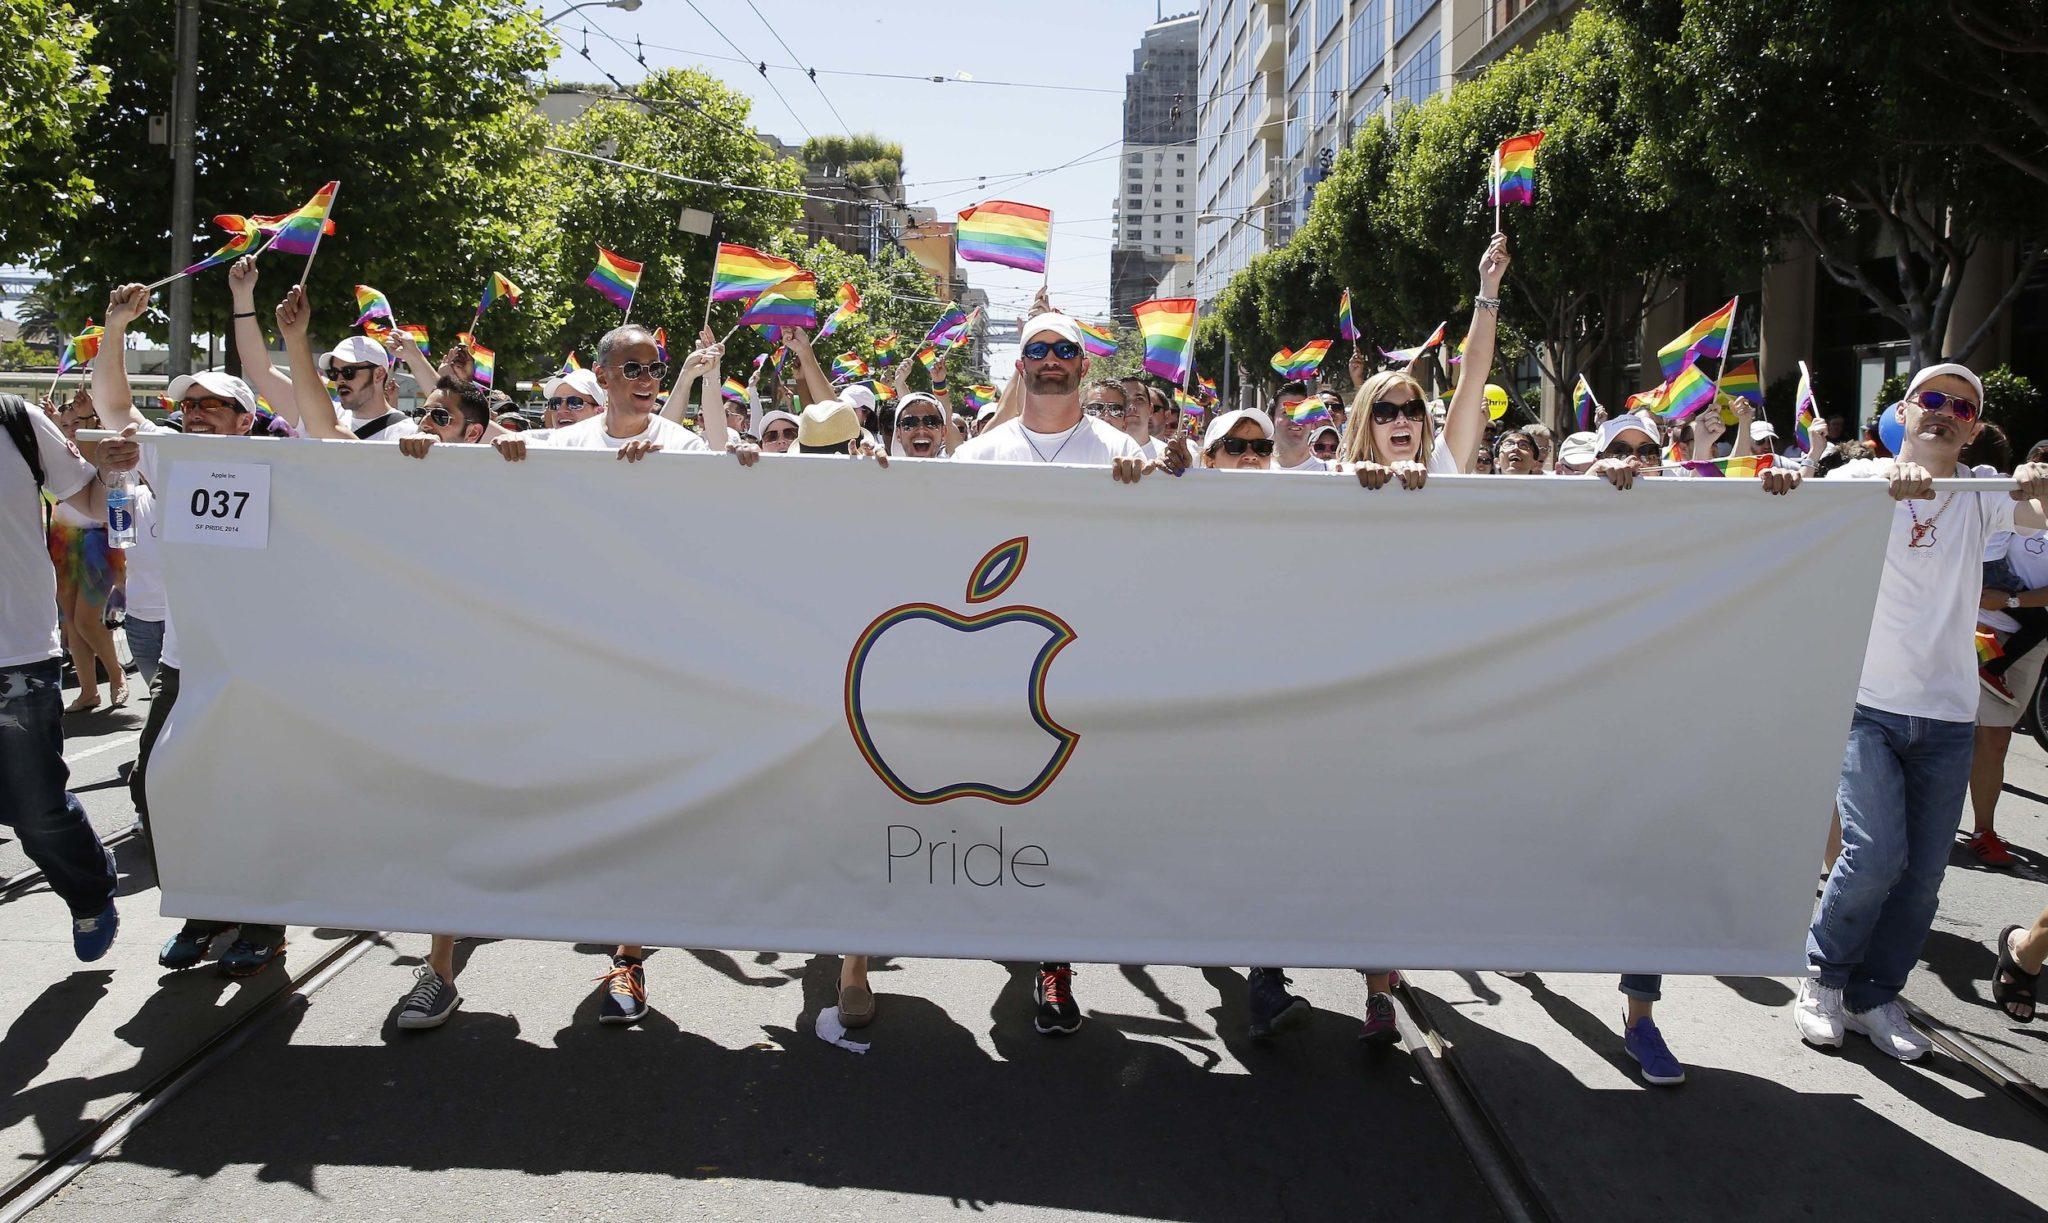 apple pride parade - Týždeň v skratke: USB štandardy, sledovanie spánku a politikárčenie s investormi